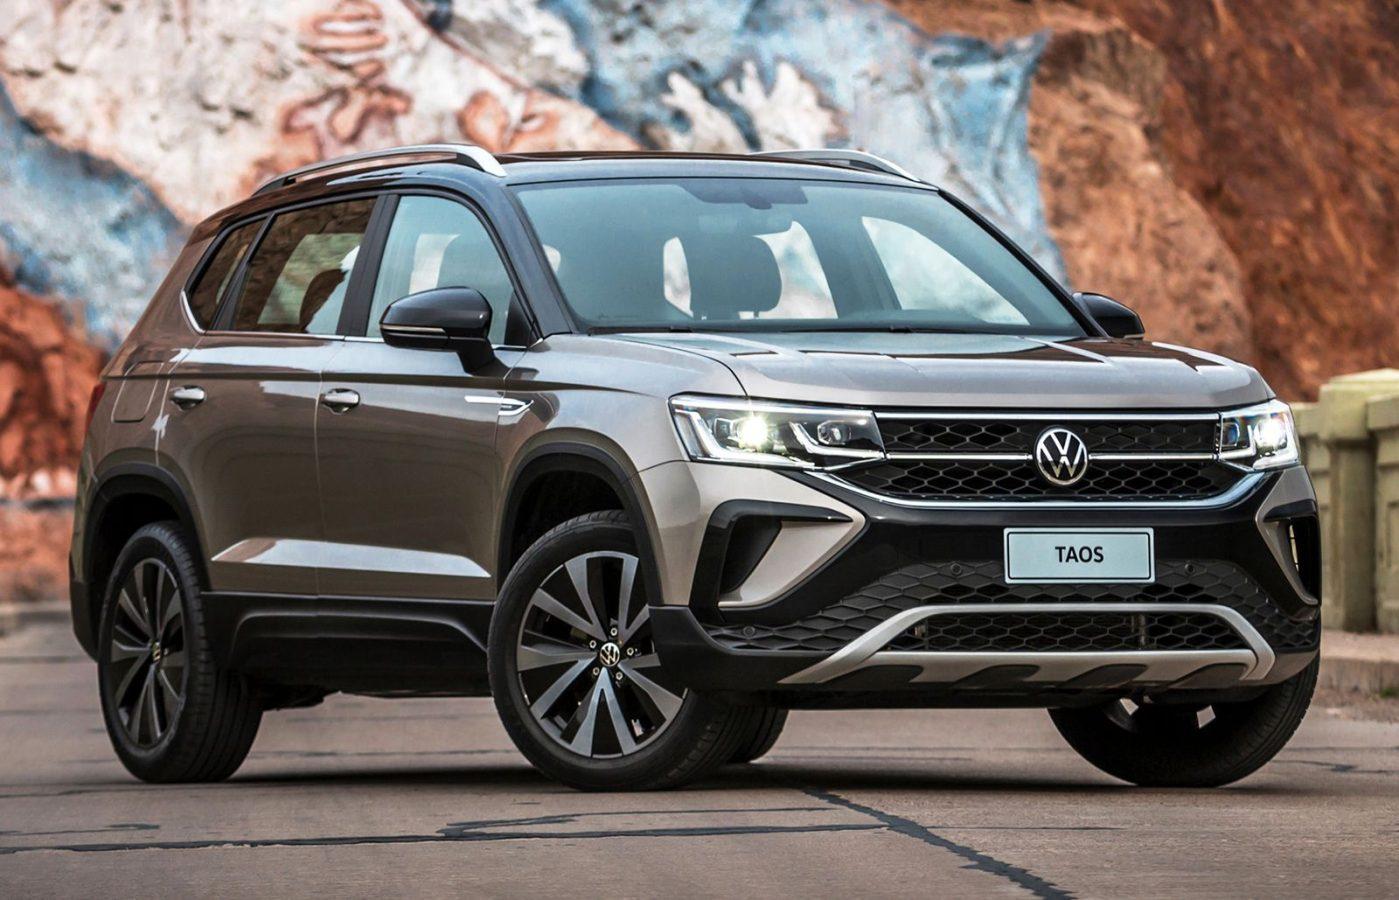 Taos: VW inició la pre-venta de su nuevo SUV de fabricación nacional